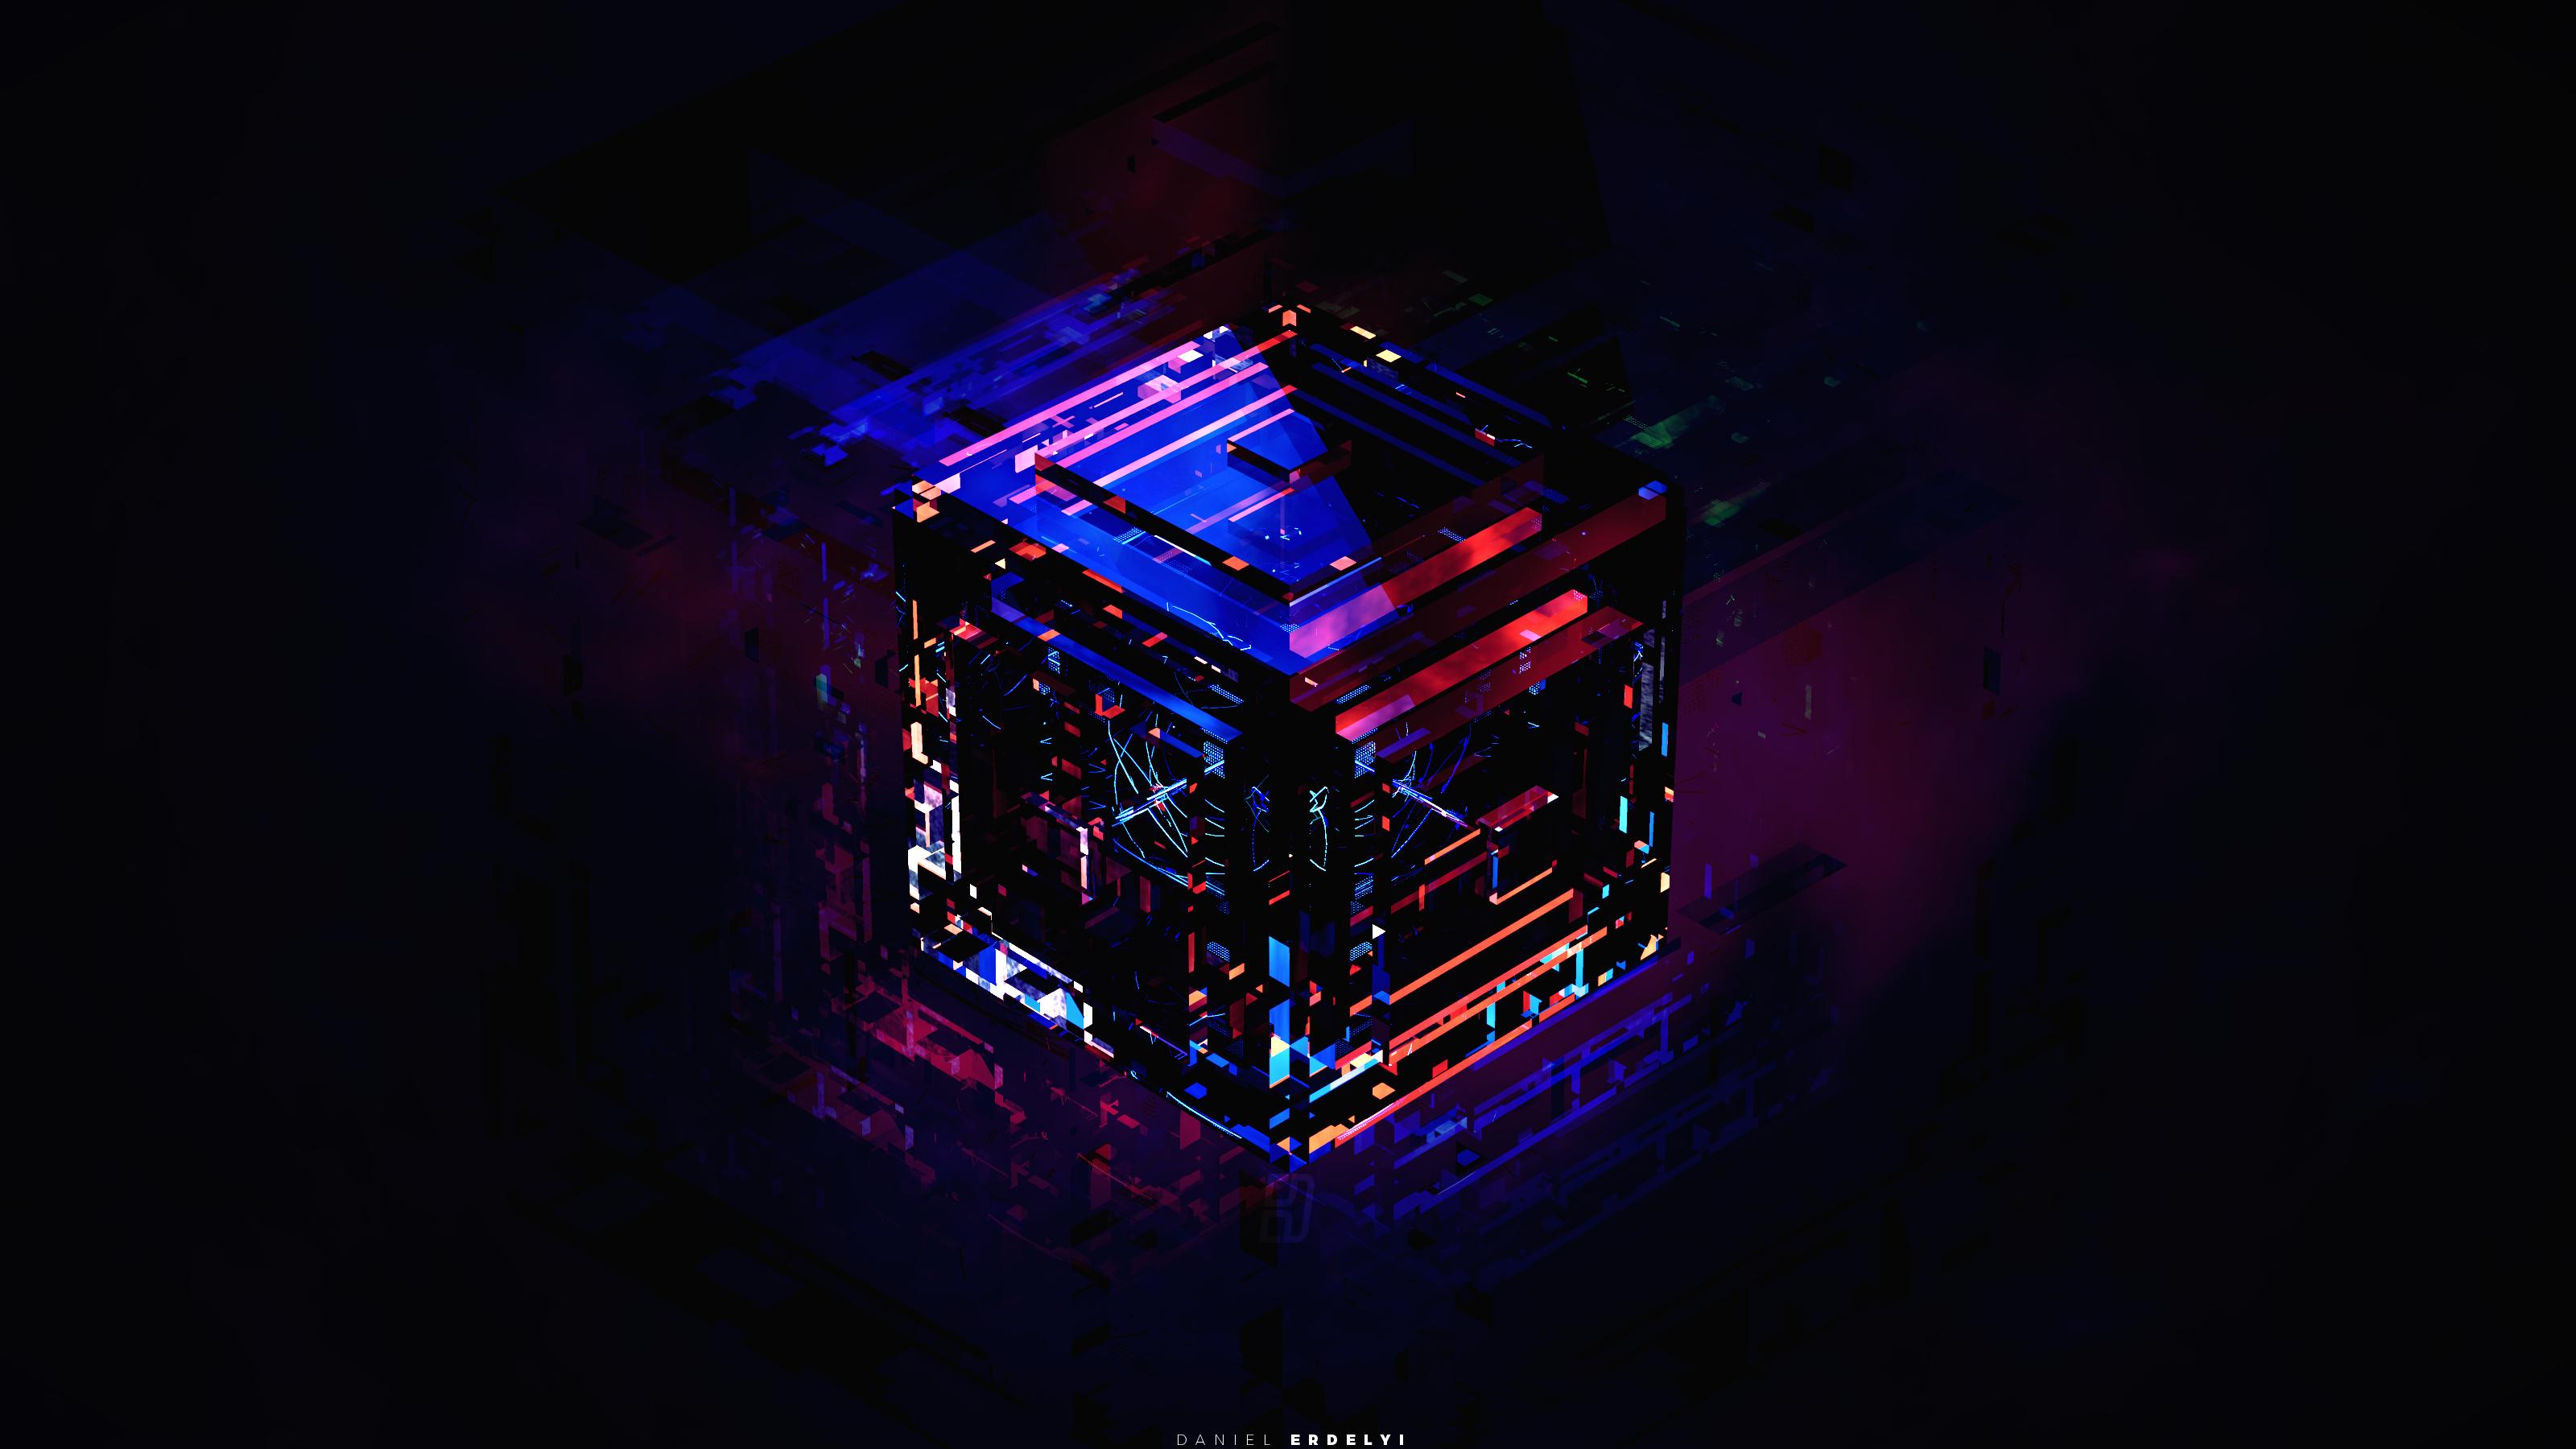 デスクトップ壁紙 夜 反射 青 立方体 キュービック 光 色